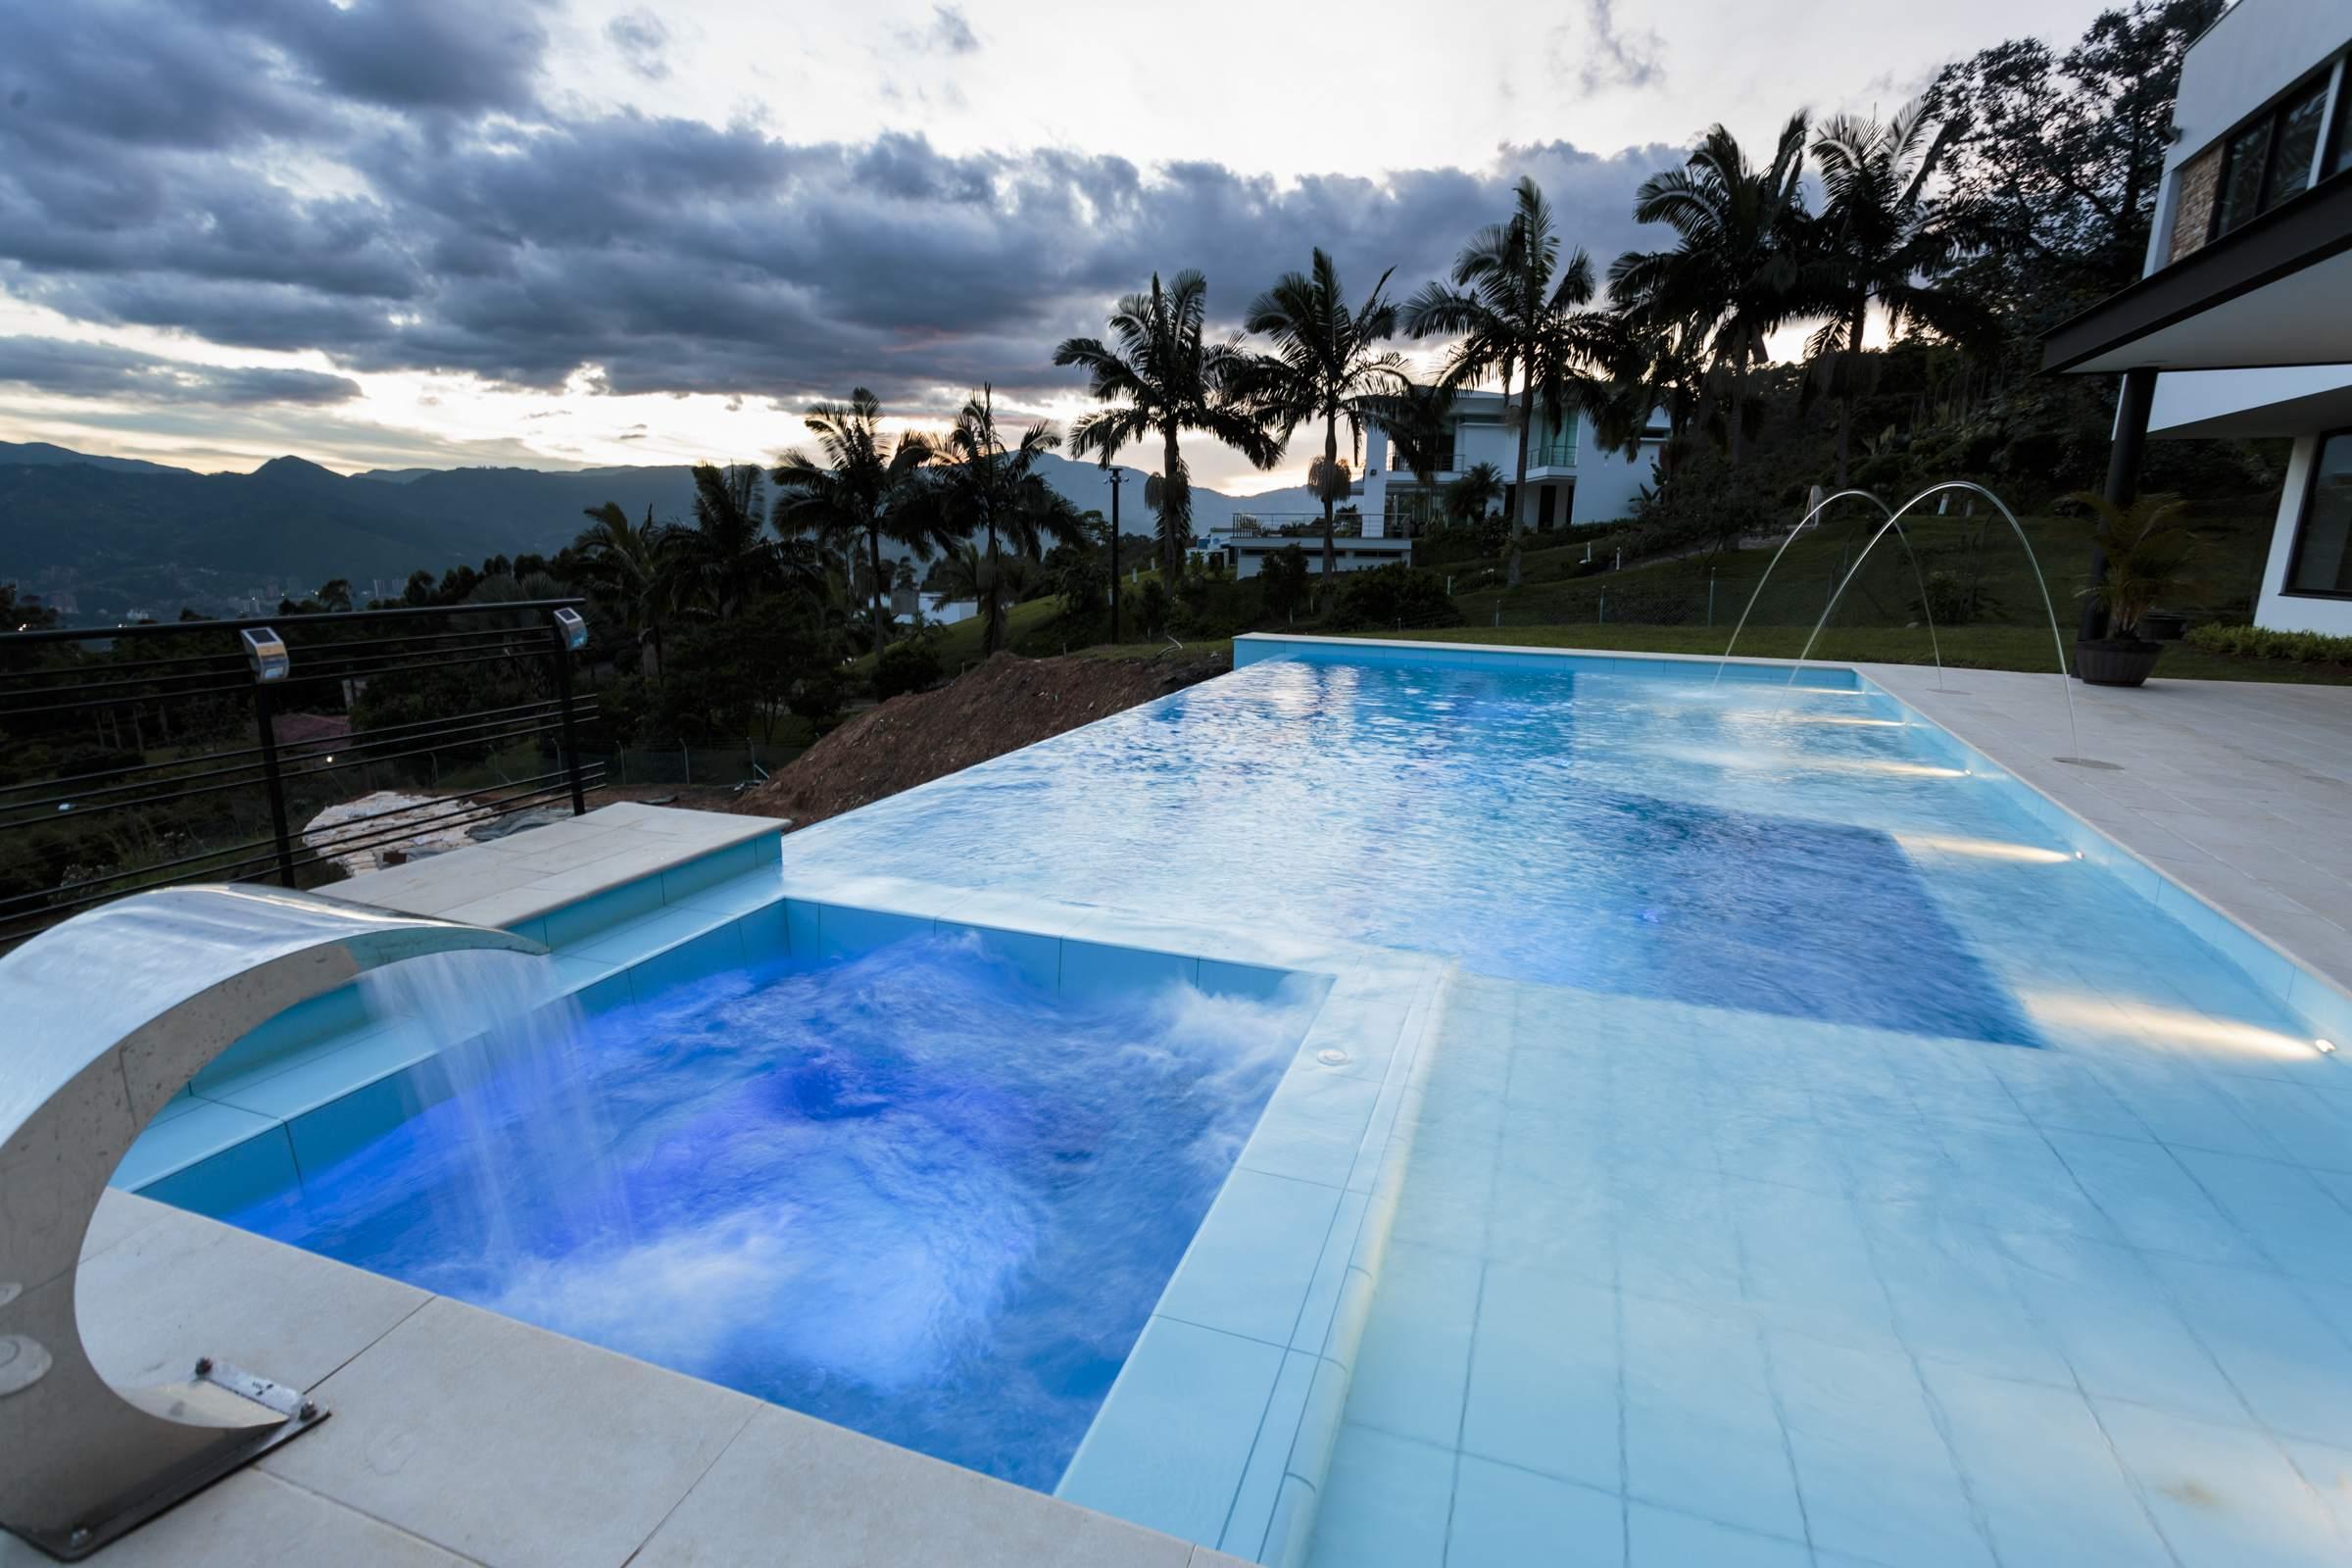 Ambiente azul jacuzzi hidromasajes colombia piscinas spa for Cerramiento para piscinas colombia